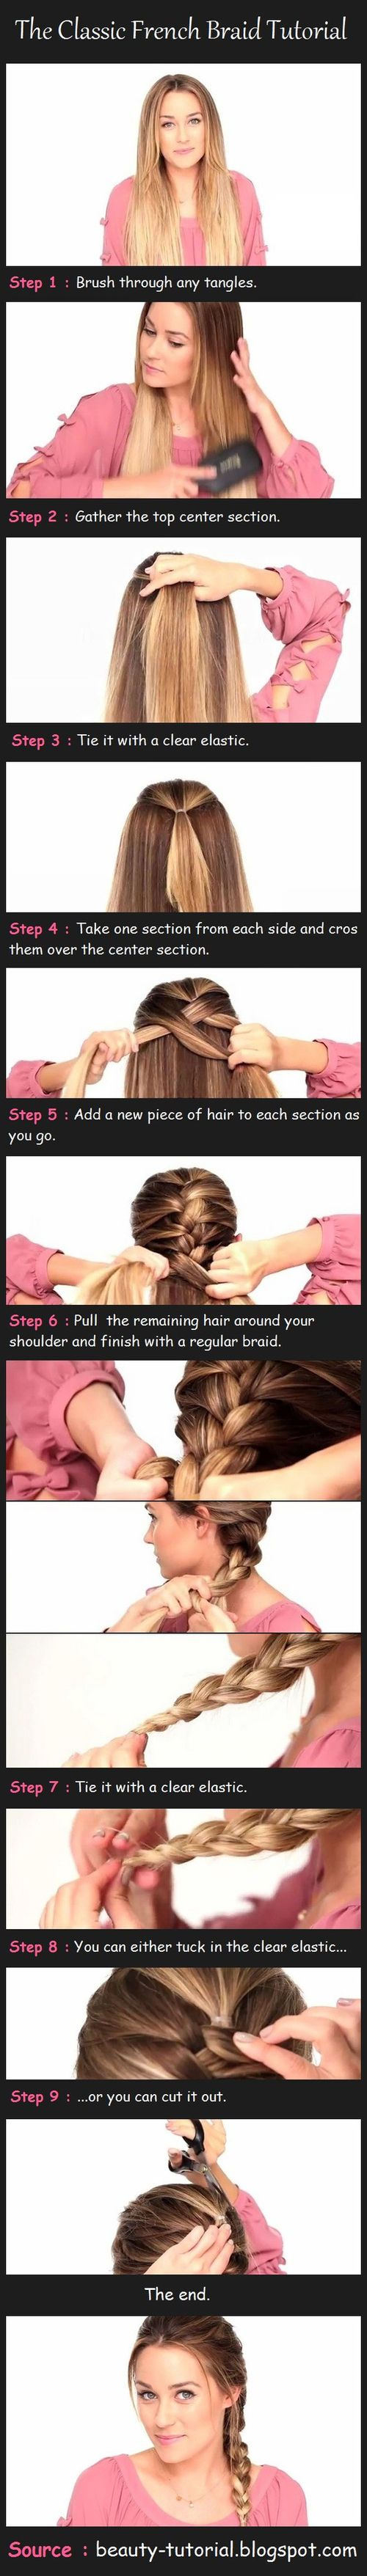 DIY Classic French Braid Hairstyle DIY Fashion Tips / DIY Fashion Projects